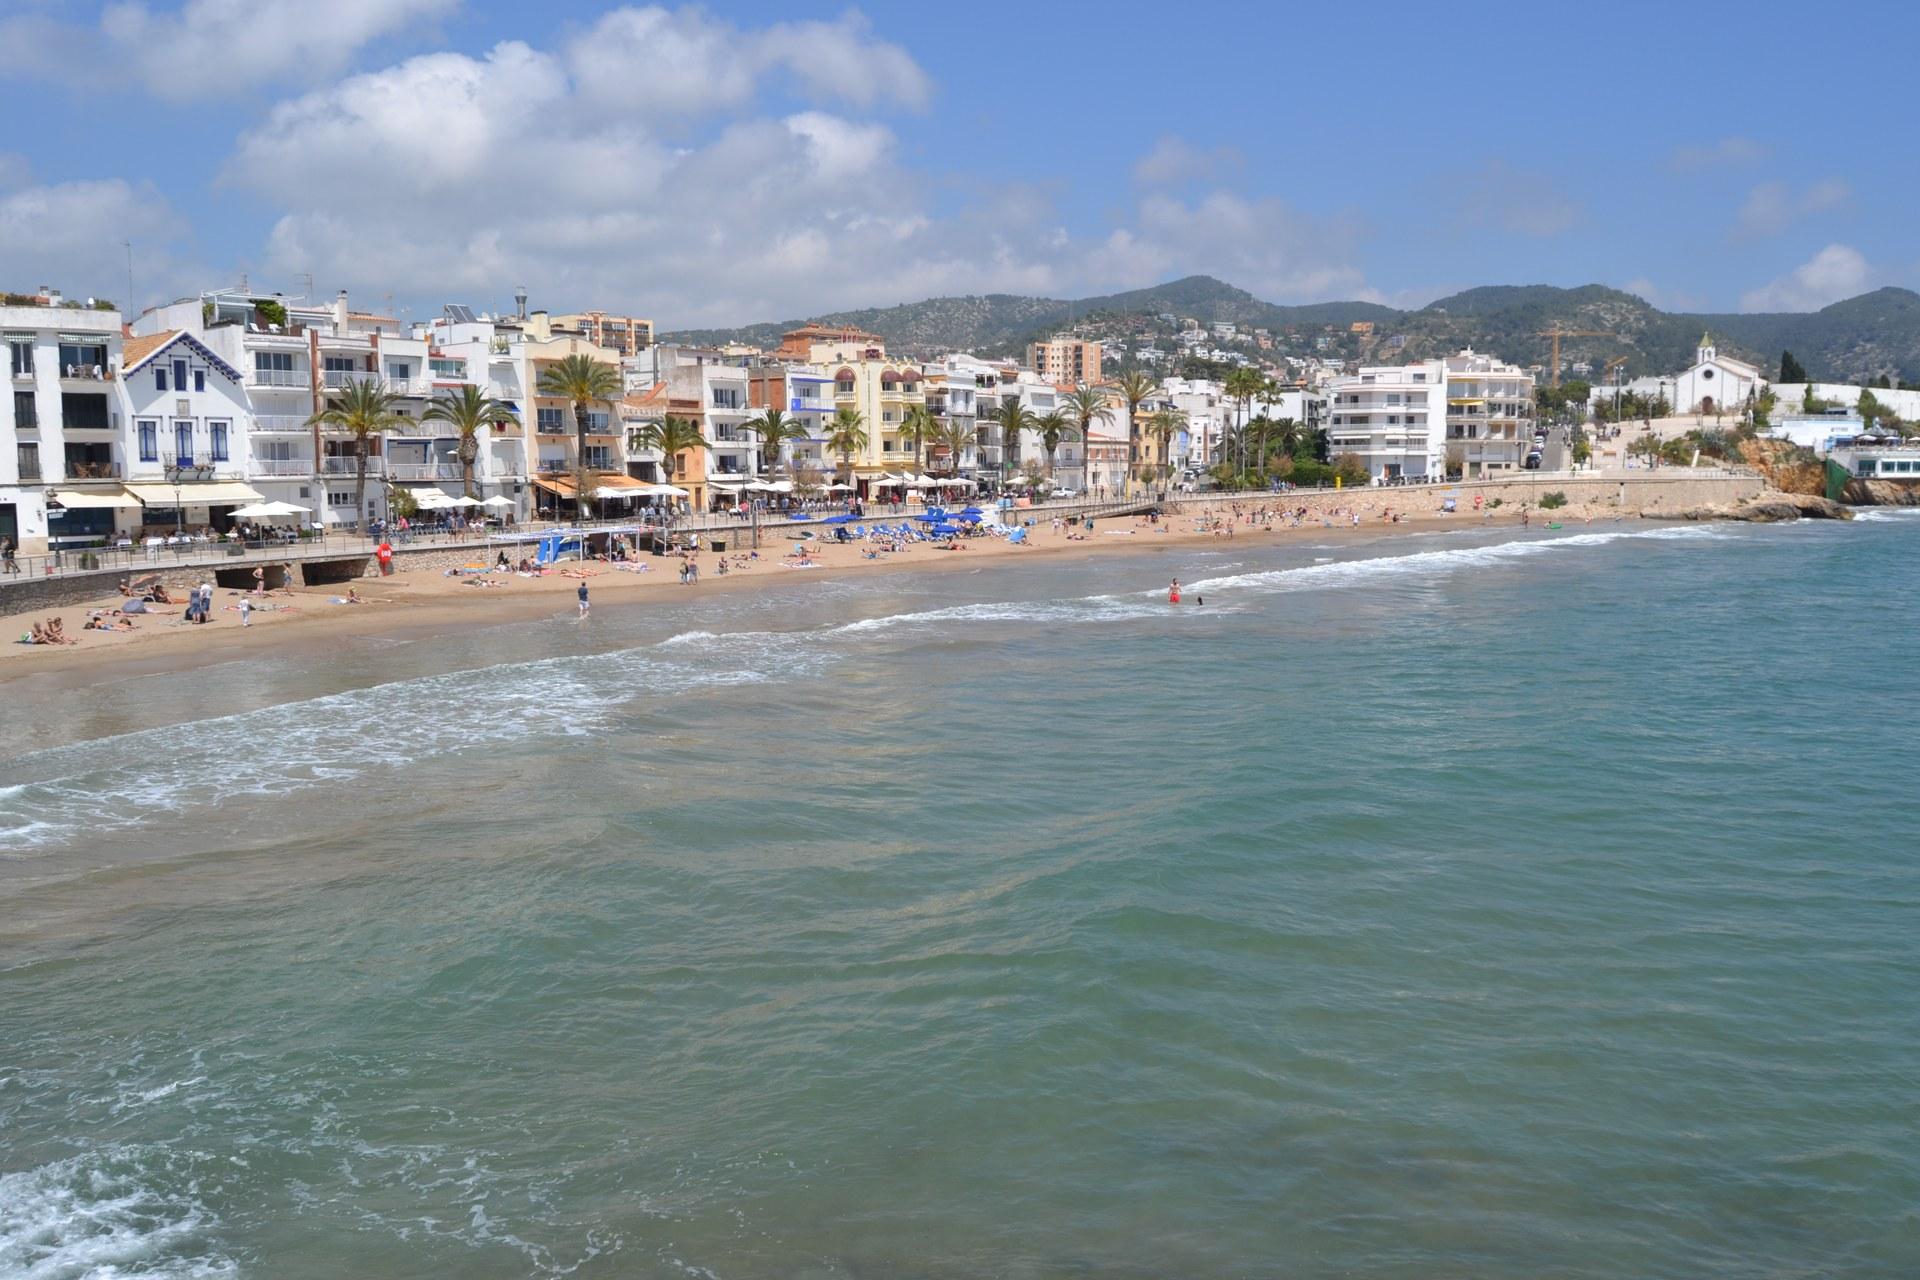 El servei d'informació i control d'aforament de les platges de Sitges amb 30 persones informadores s'inicia aquest dijous